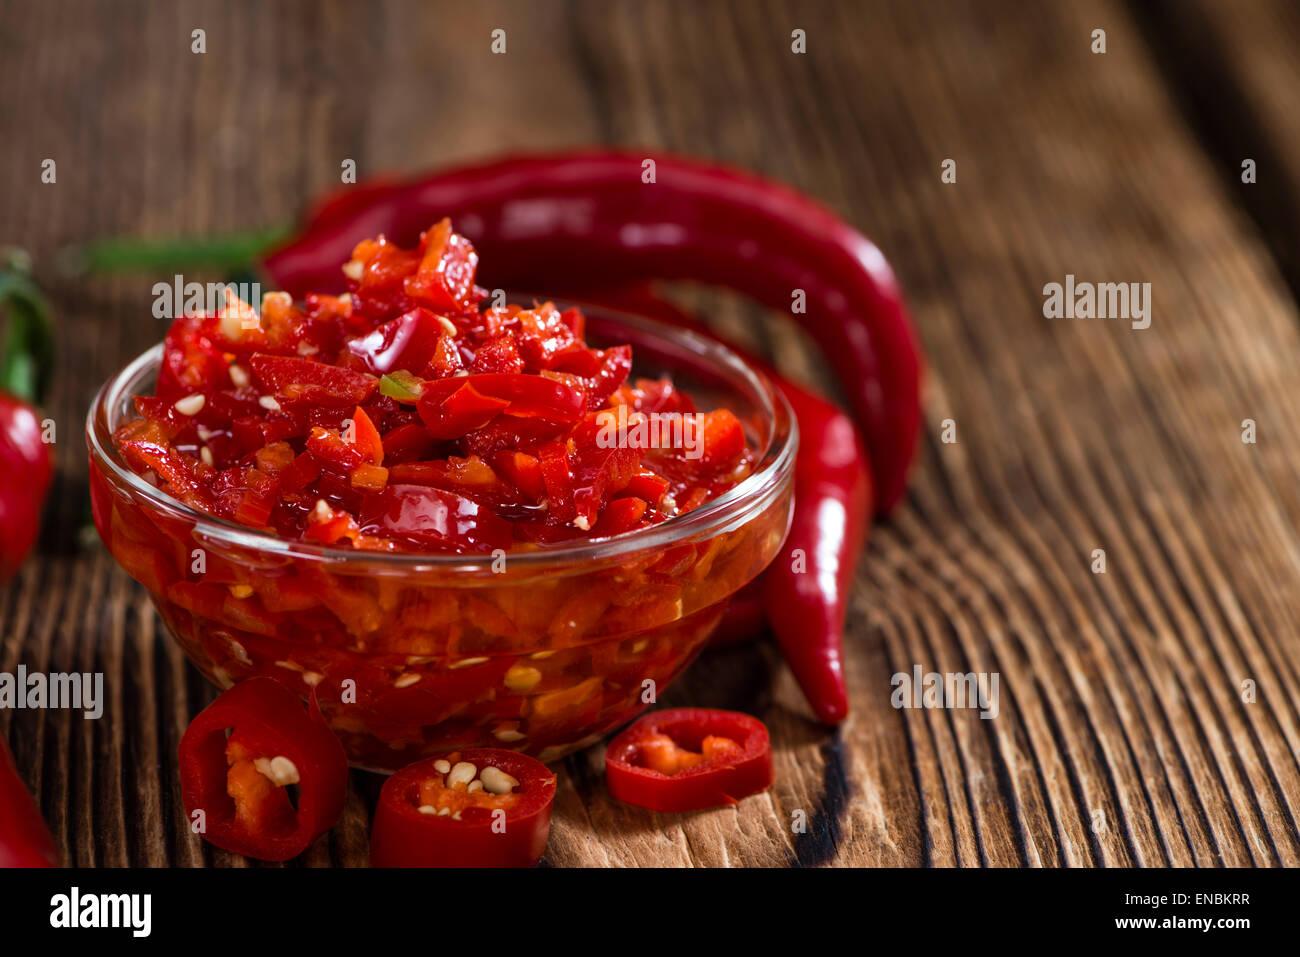 Hausgemachte Chili-Dip (mit Olivenöl konserviert) auf hölzernen Hintergrund Stockbild